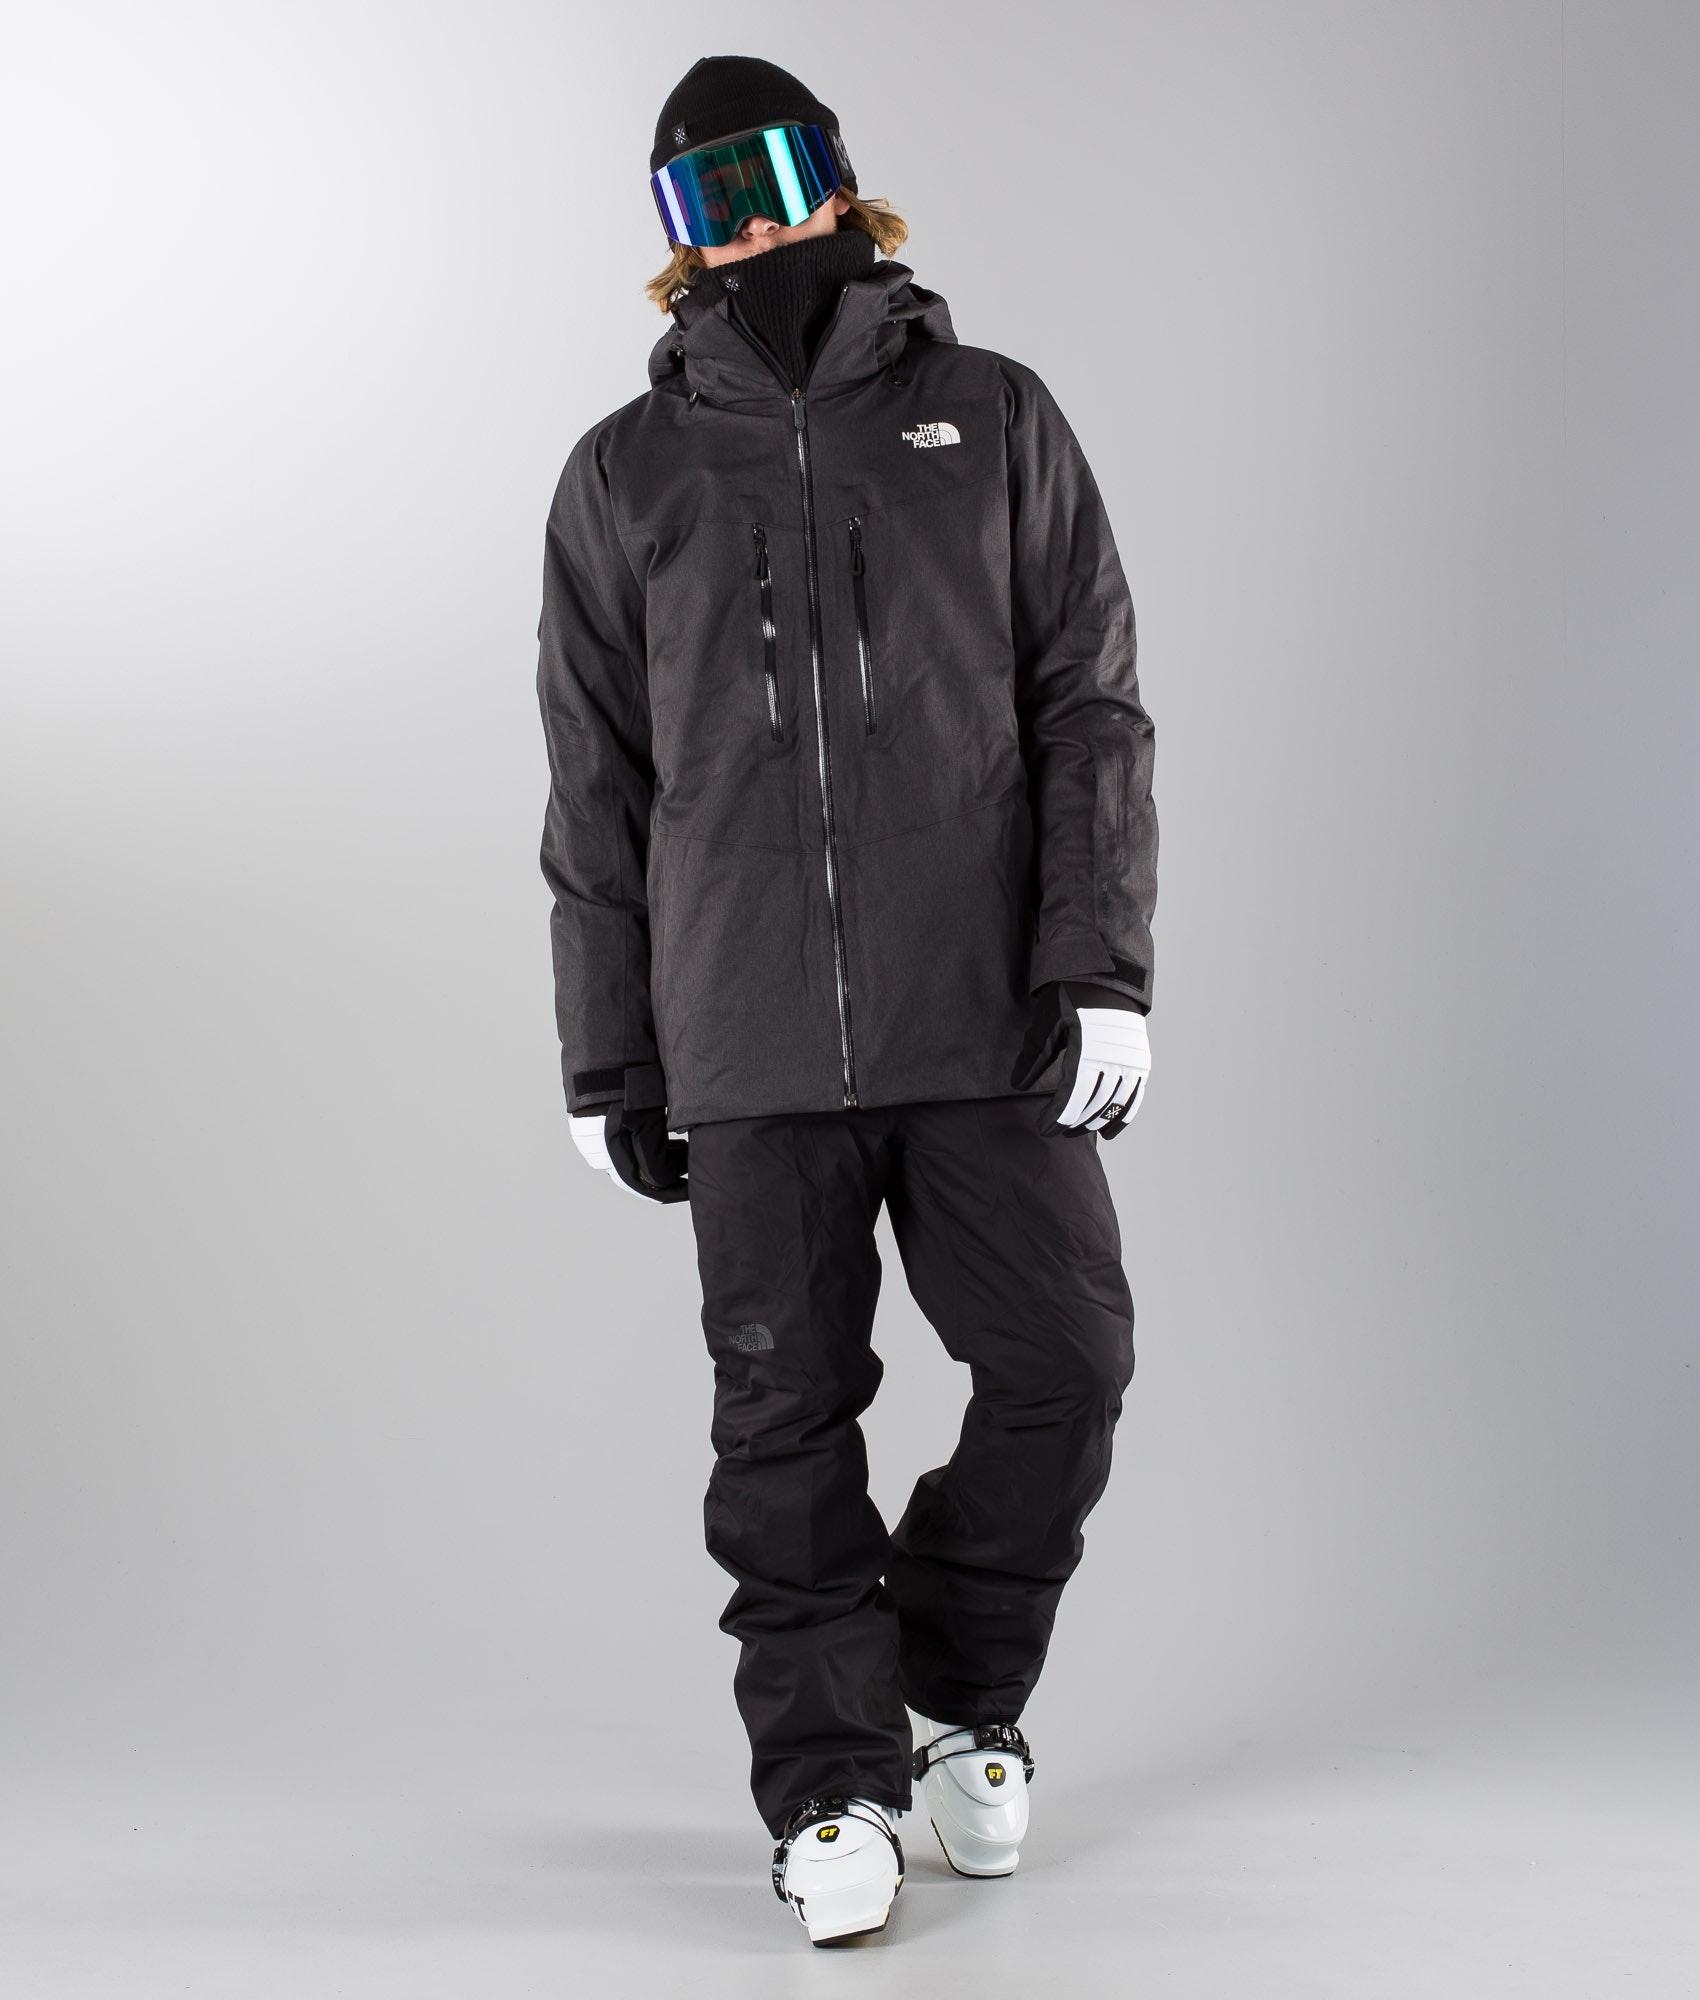 711e028b50 pas cher ski north face - Achat | new1.arokiait.com